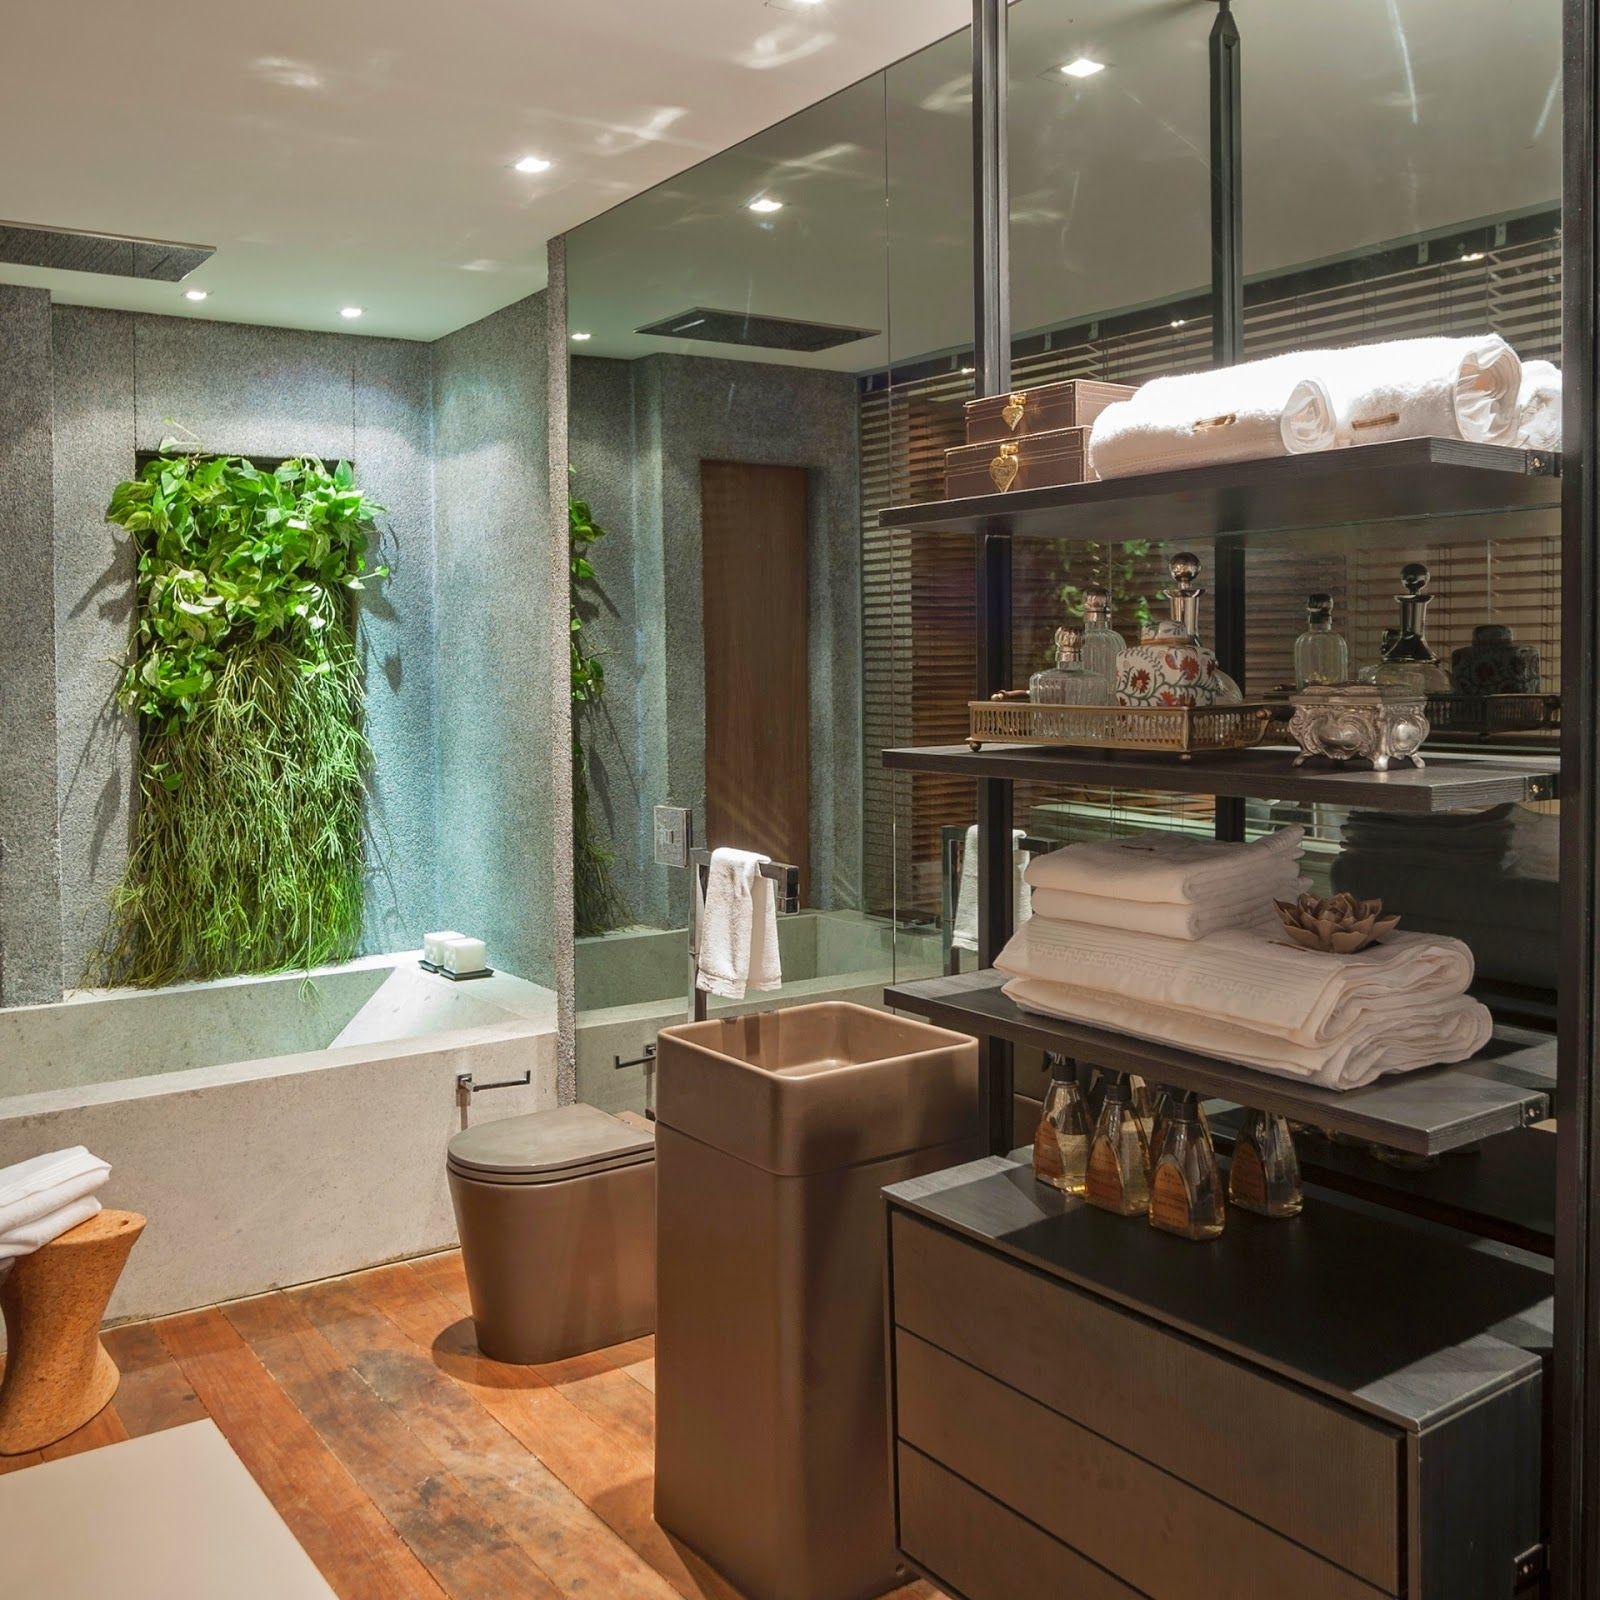 Cubas de piso – veja 20 banheiros e lavabos com essa tendência dicas on bathroom secret smosh, bathroom cat, bathroom car, bathroom bloopers youtube, bathroom se,